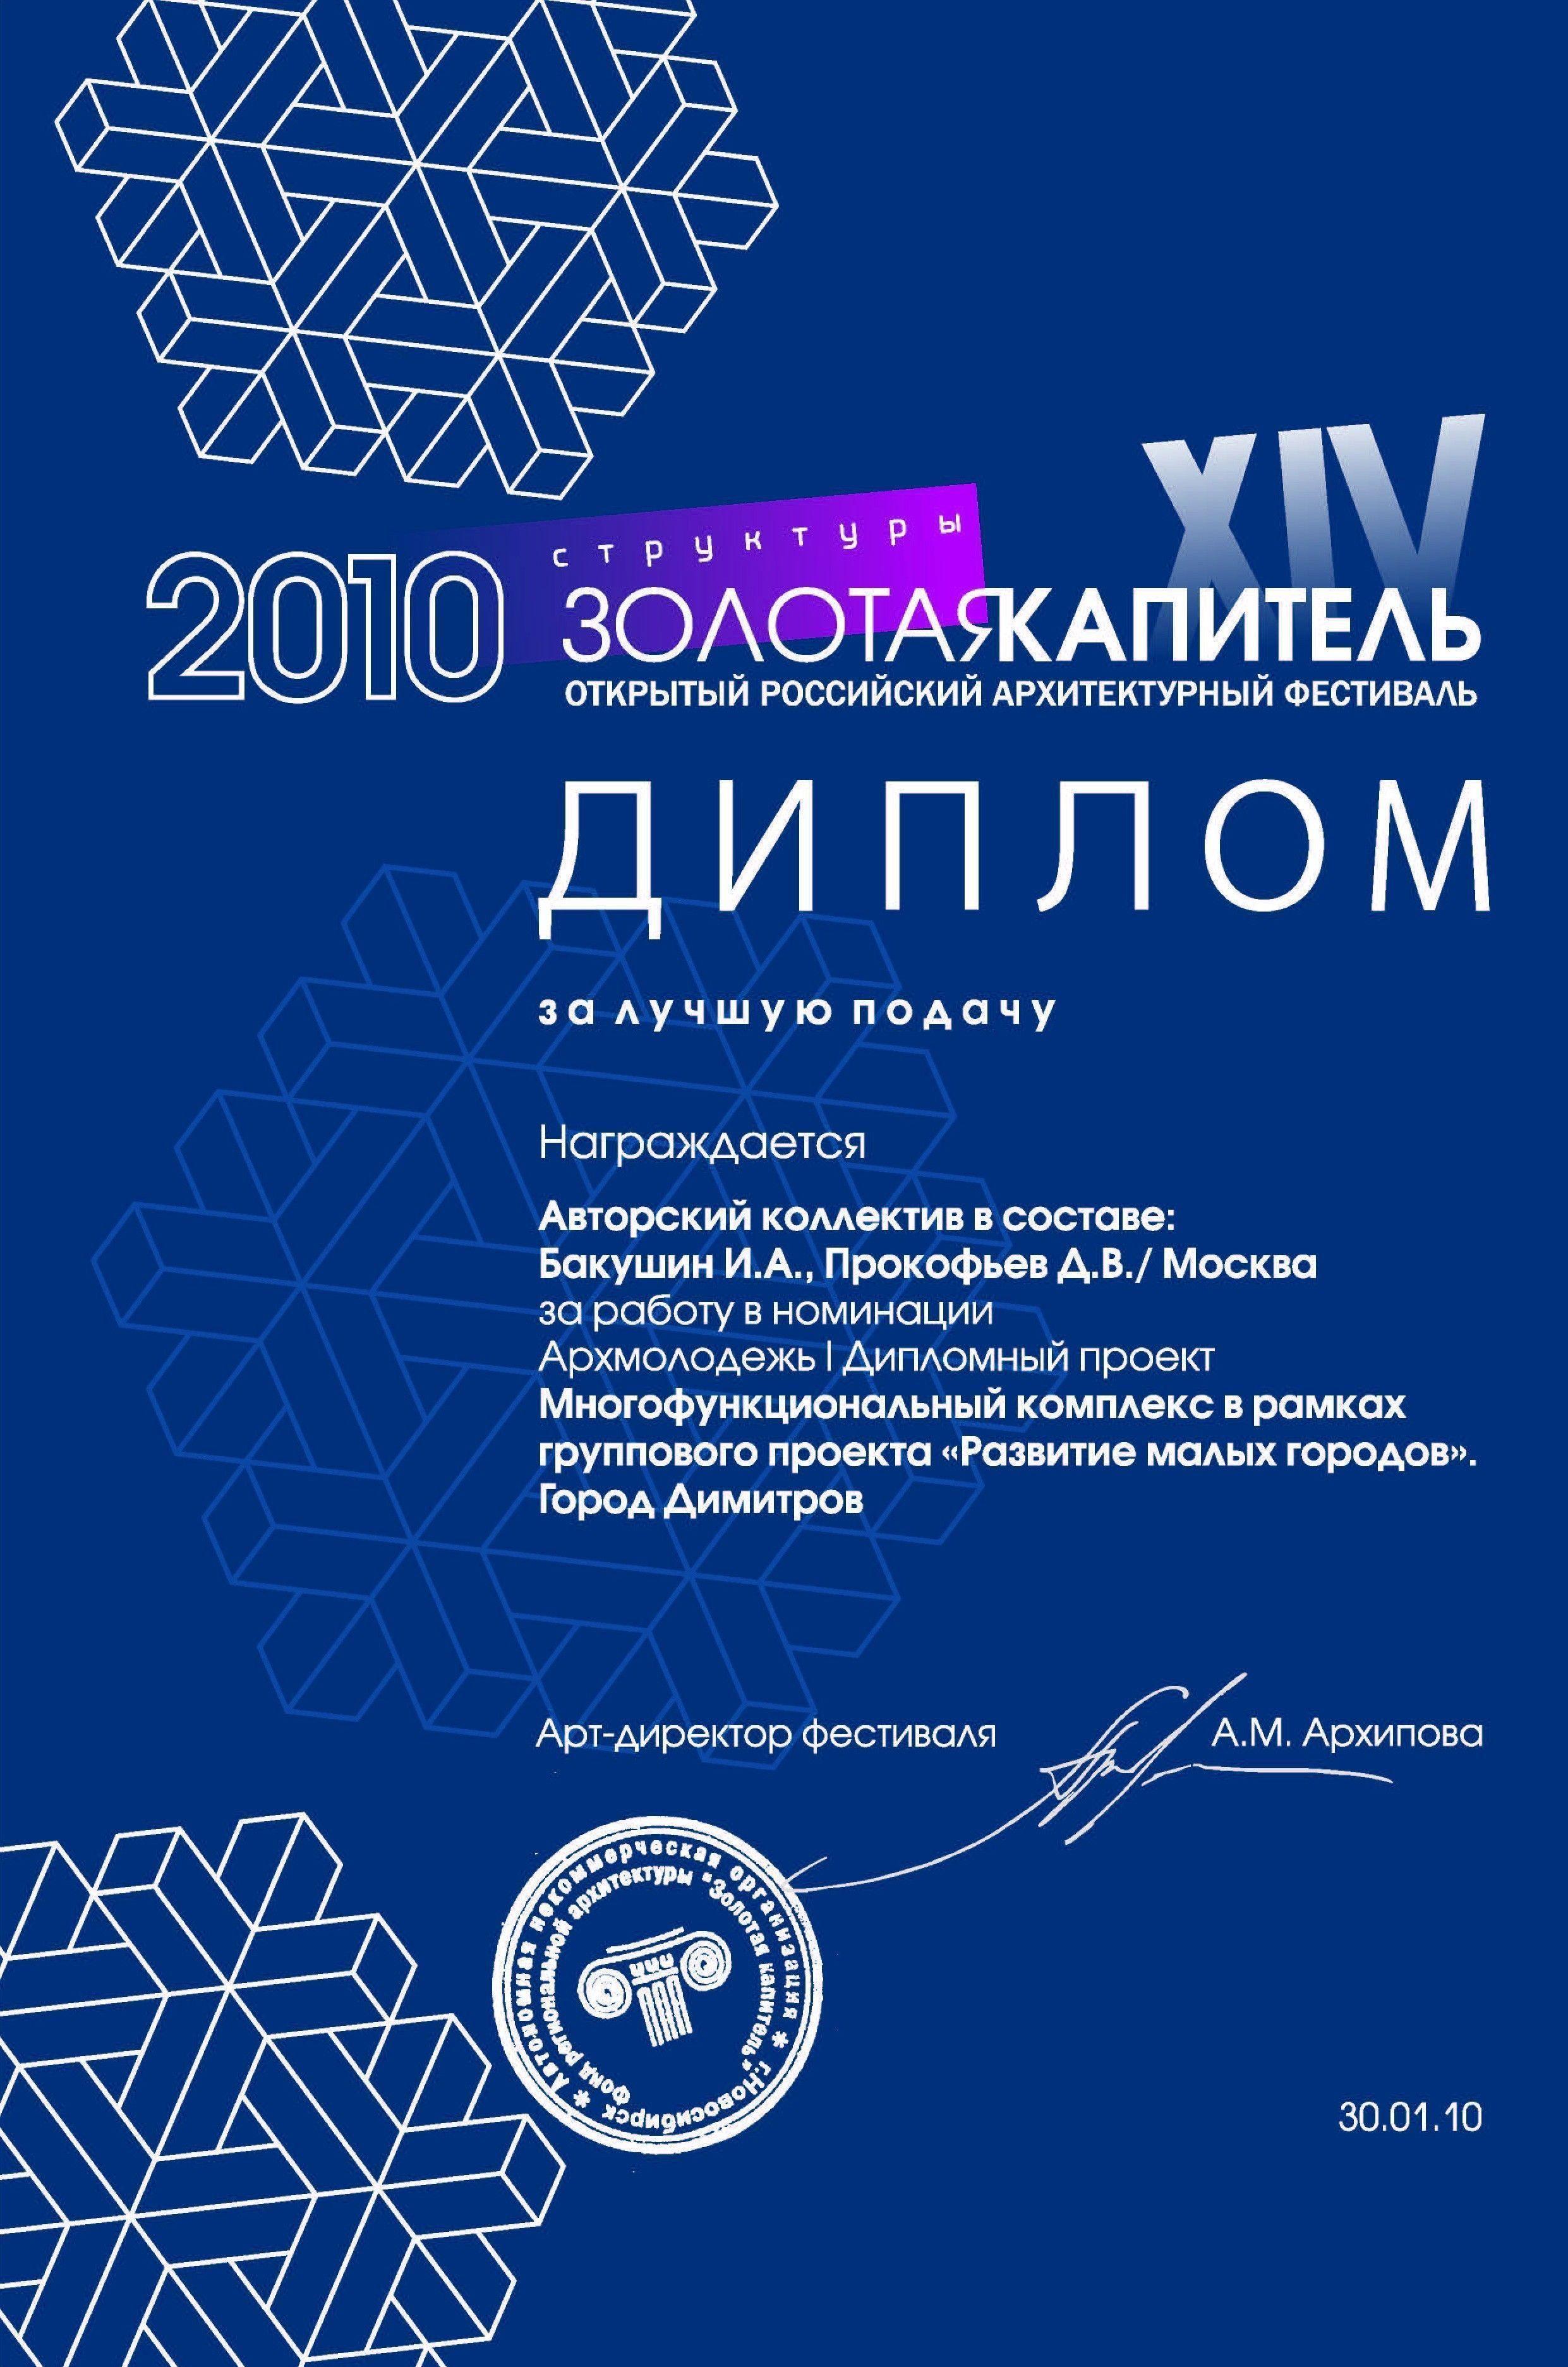 <a href='https://archreforma.ru/publikaciiinagrady/125/'>Посмотреть подробнее... 'Золотая Капитель 2010</a>